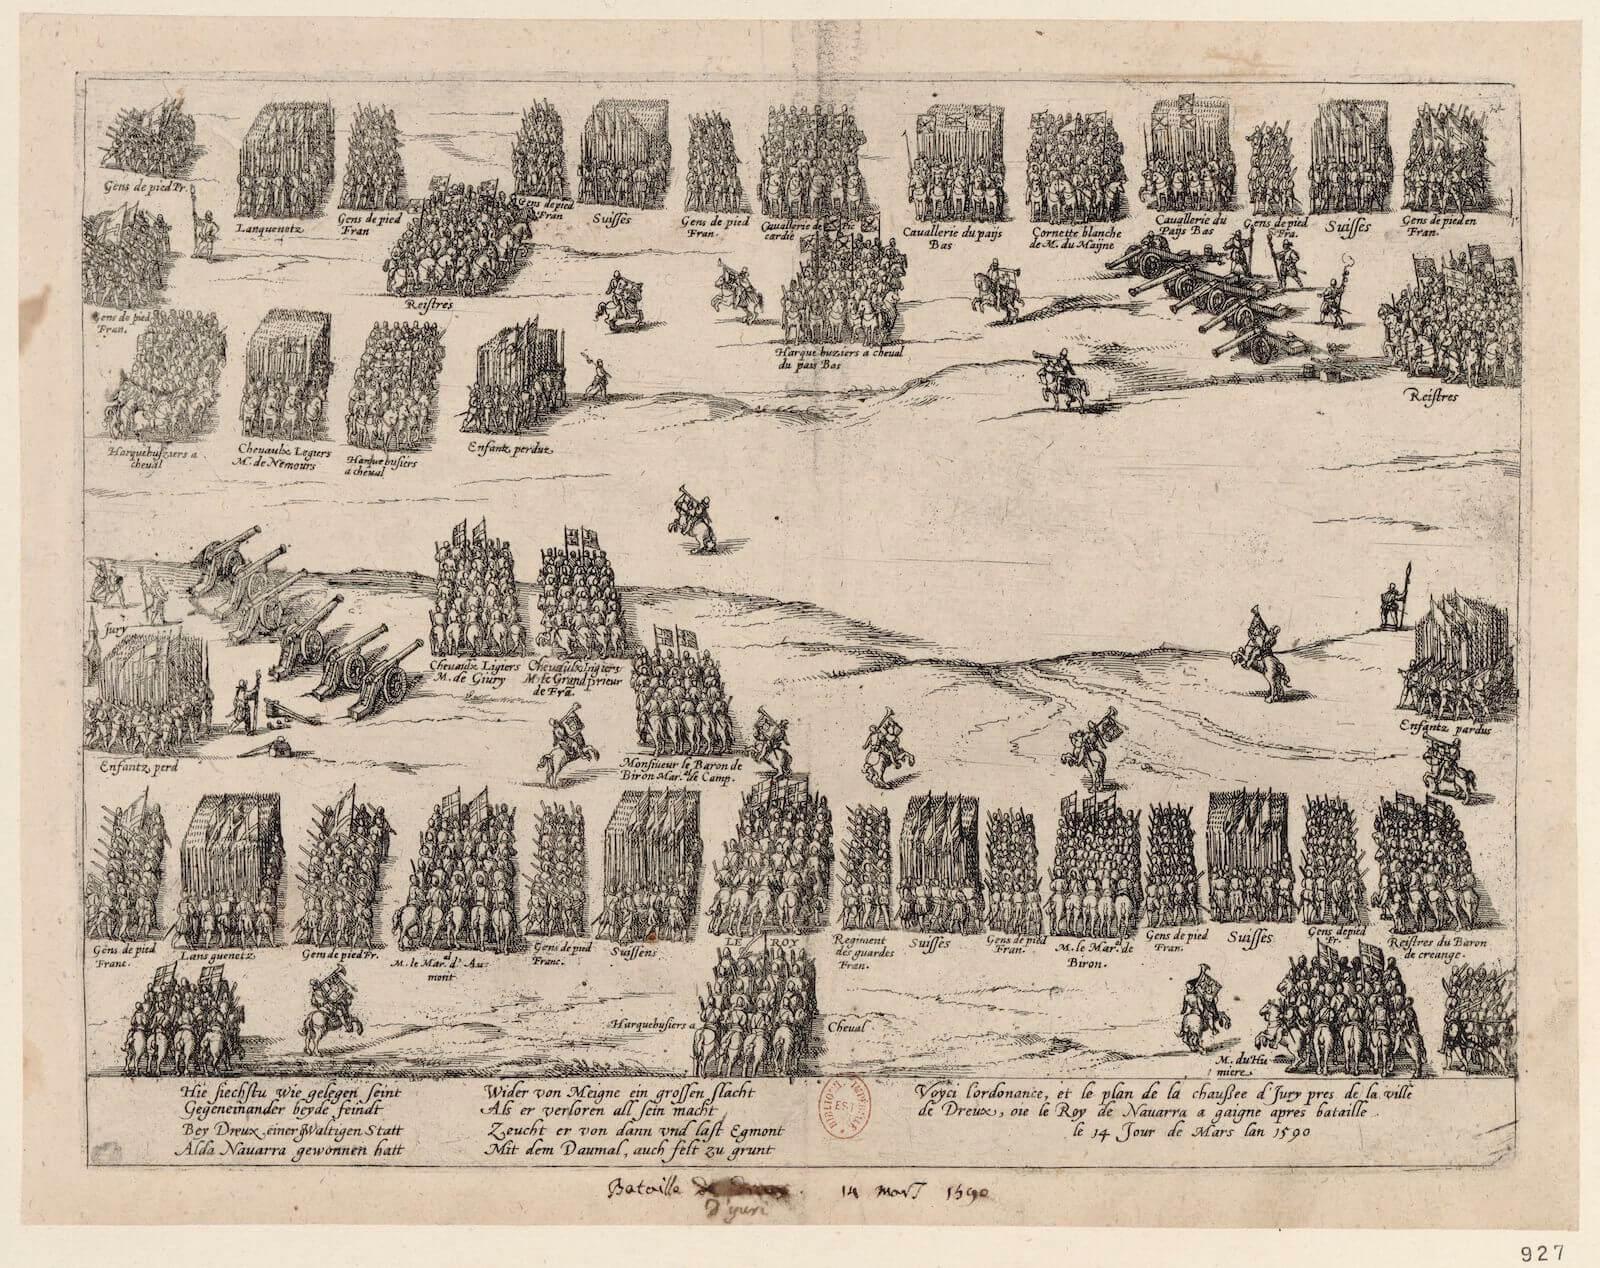 Tácticas de infantería en el siglo XVI Ivry